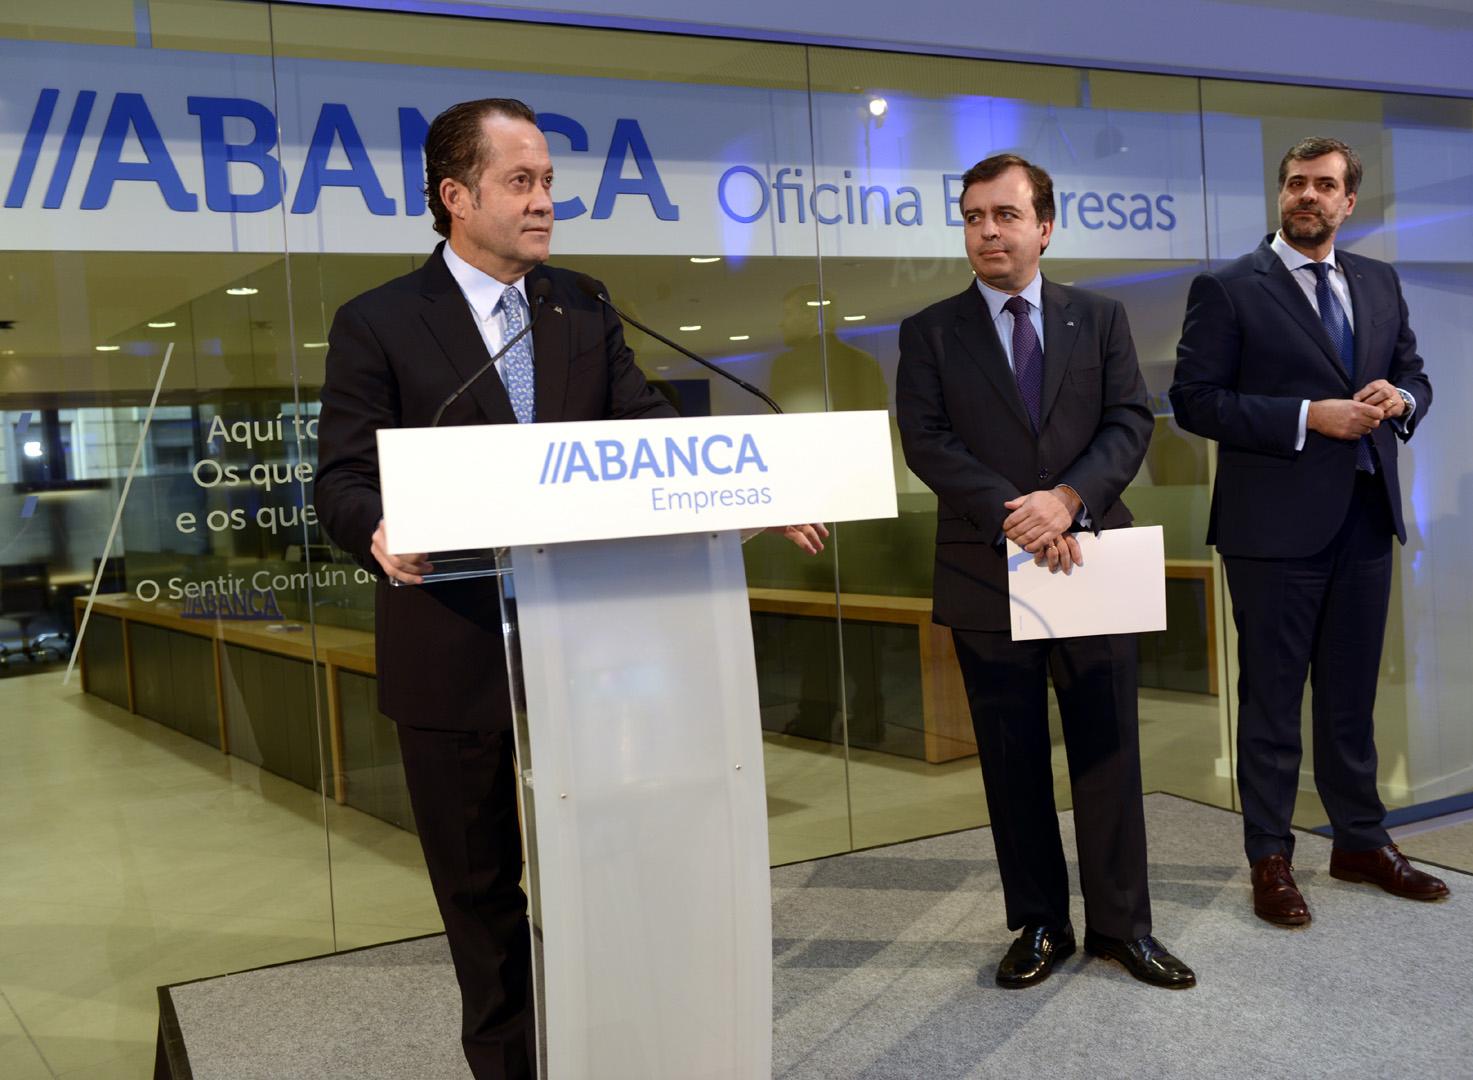 Abanca abre una nueva oficina de empresas en vigo for Oficinas banco pastor vigo